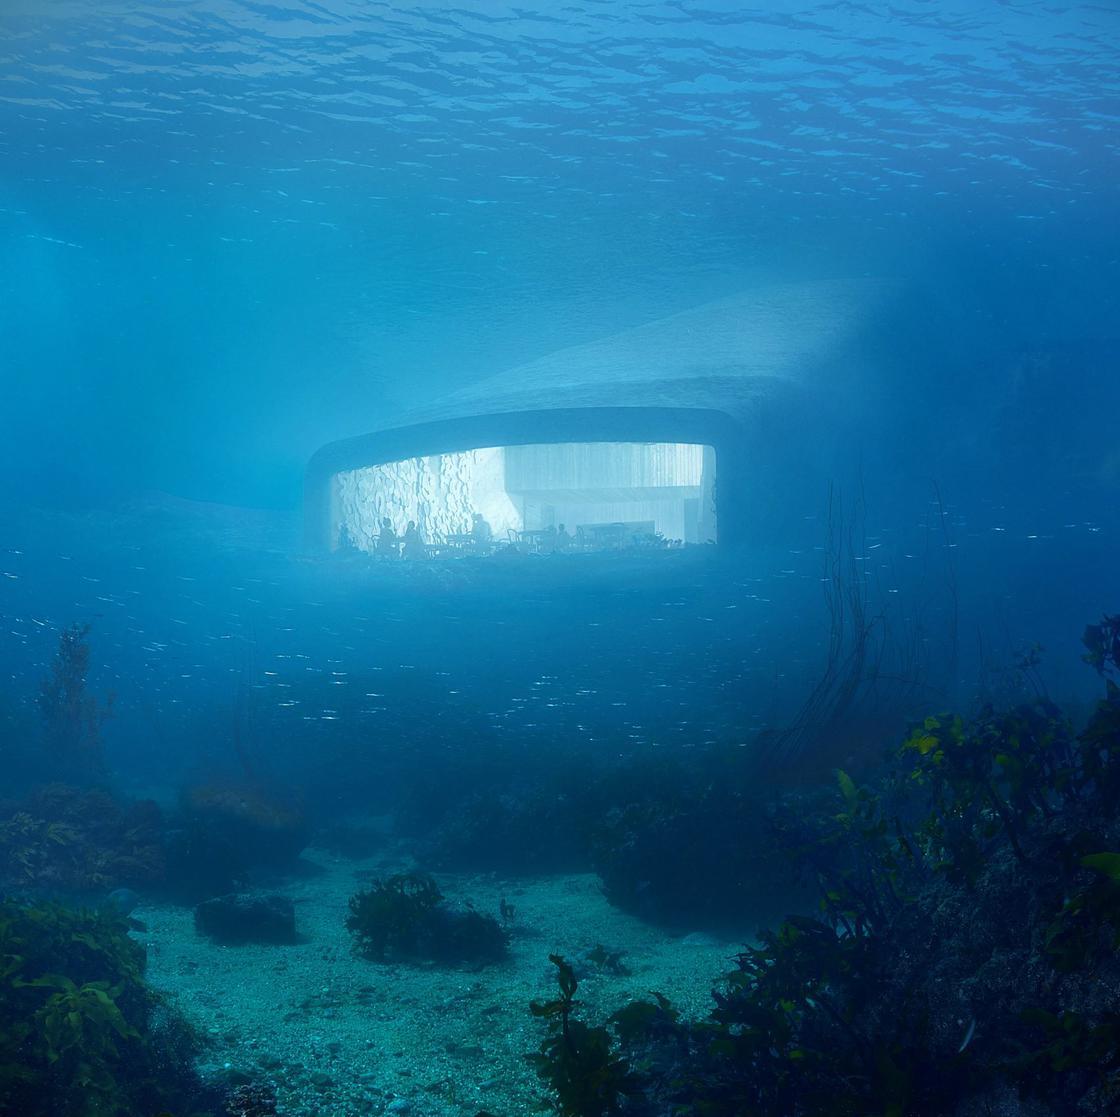 Powodny widok na podwodną restaurację